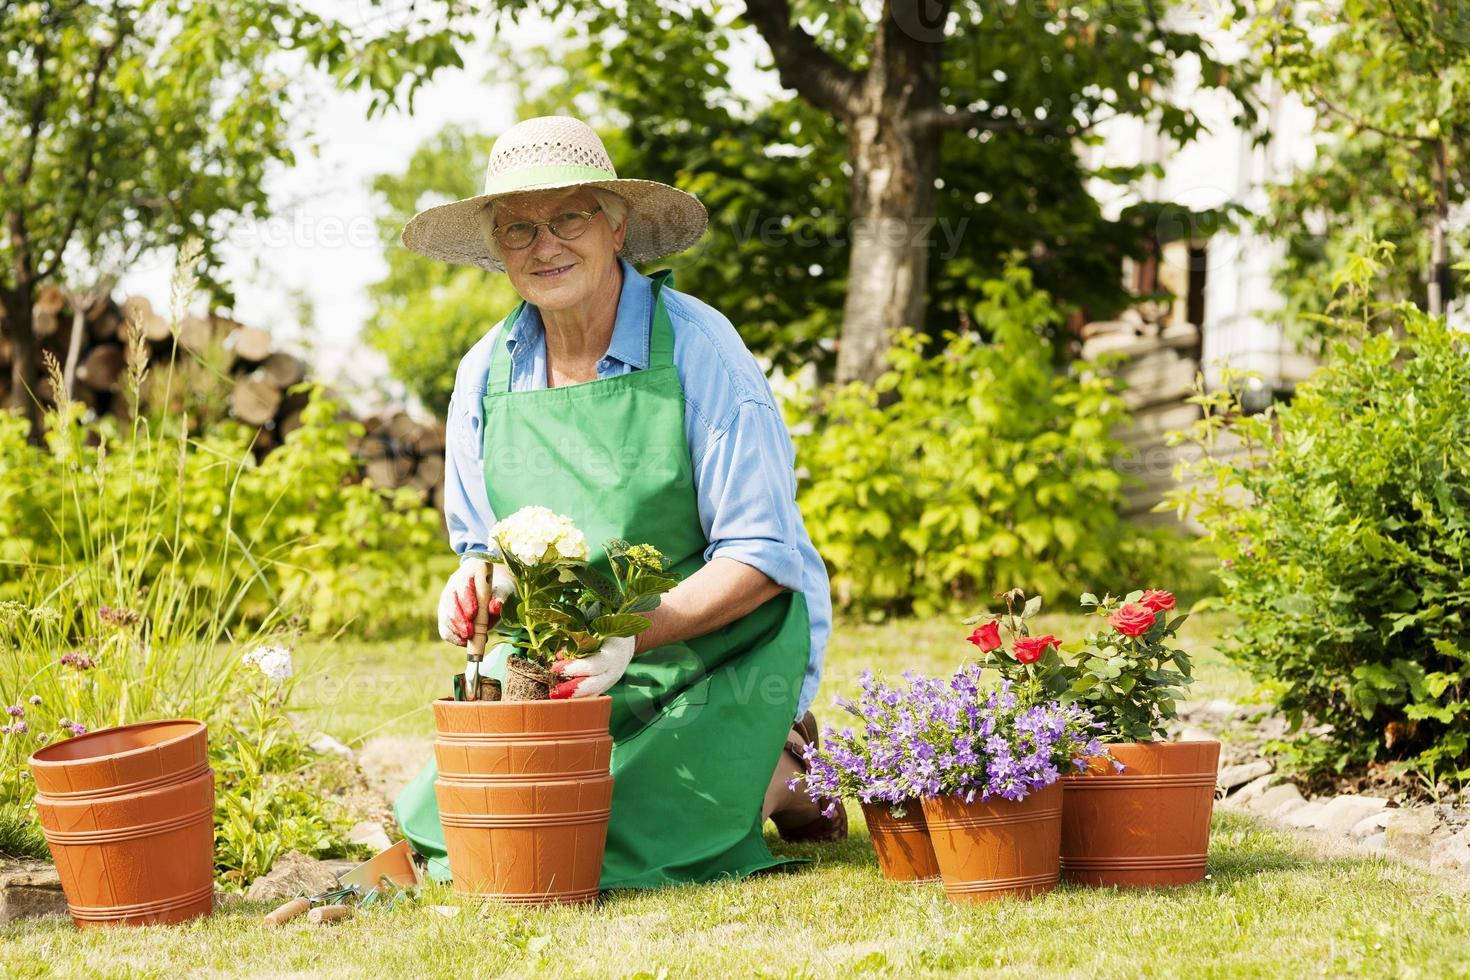 donna senior con fiori in giardino foto